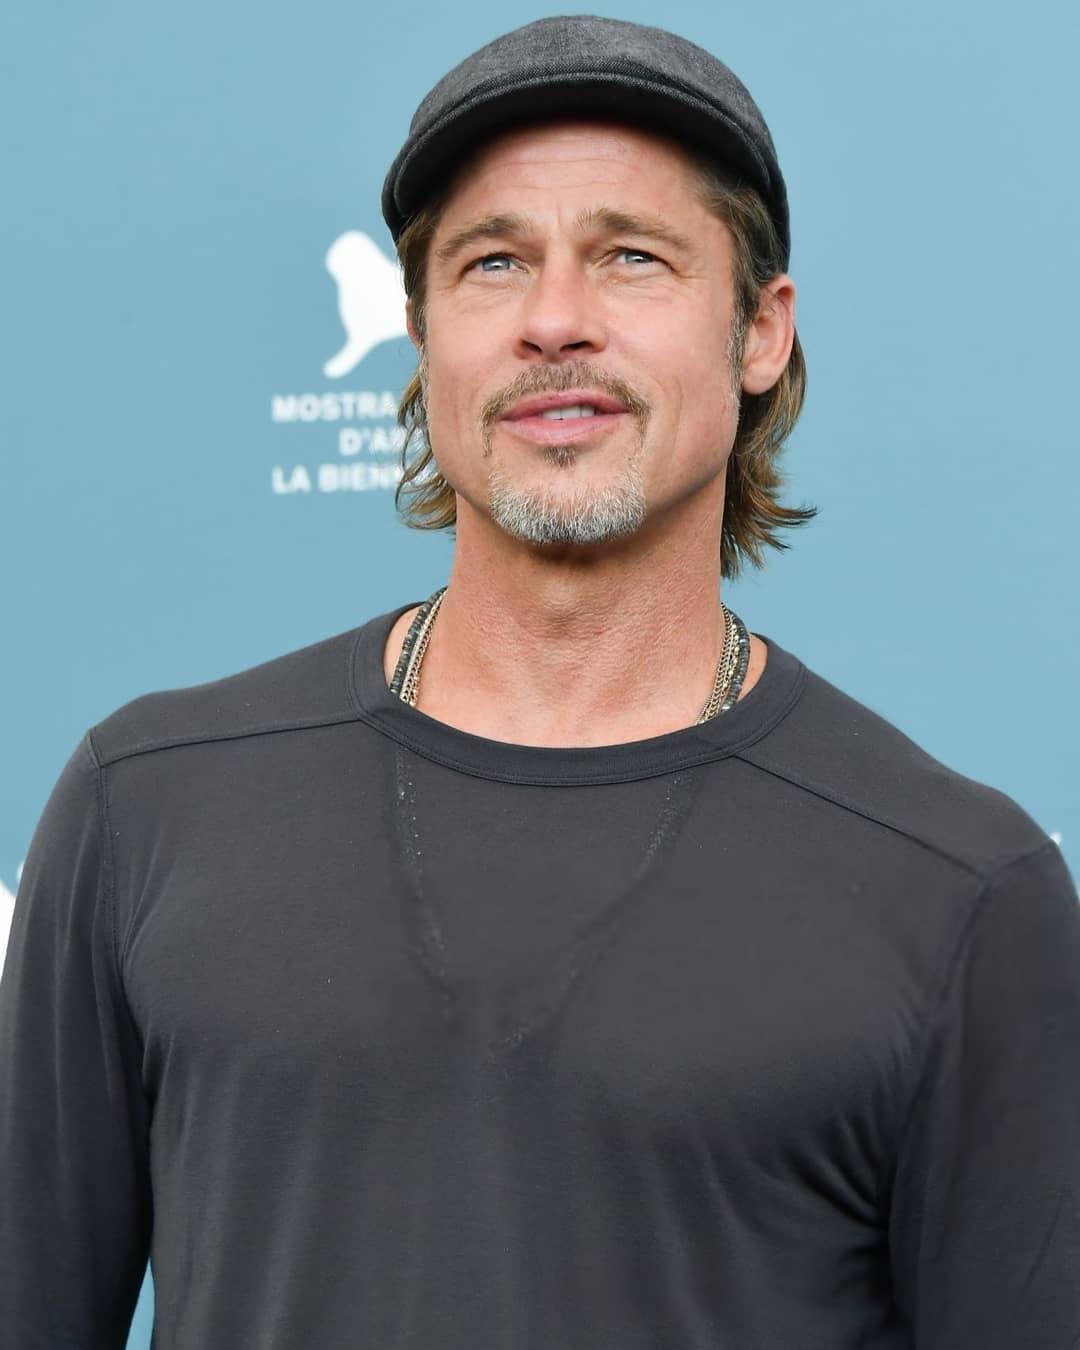 Развод пошел на пользу: Брэд Питт откровенно рассказал о жизни после Джоли